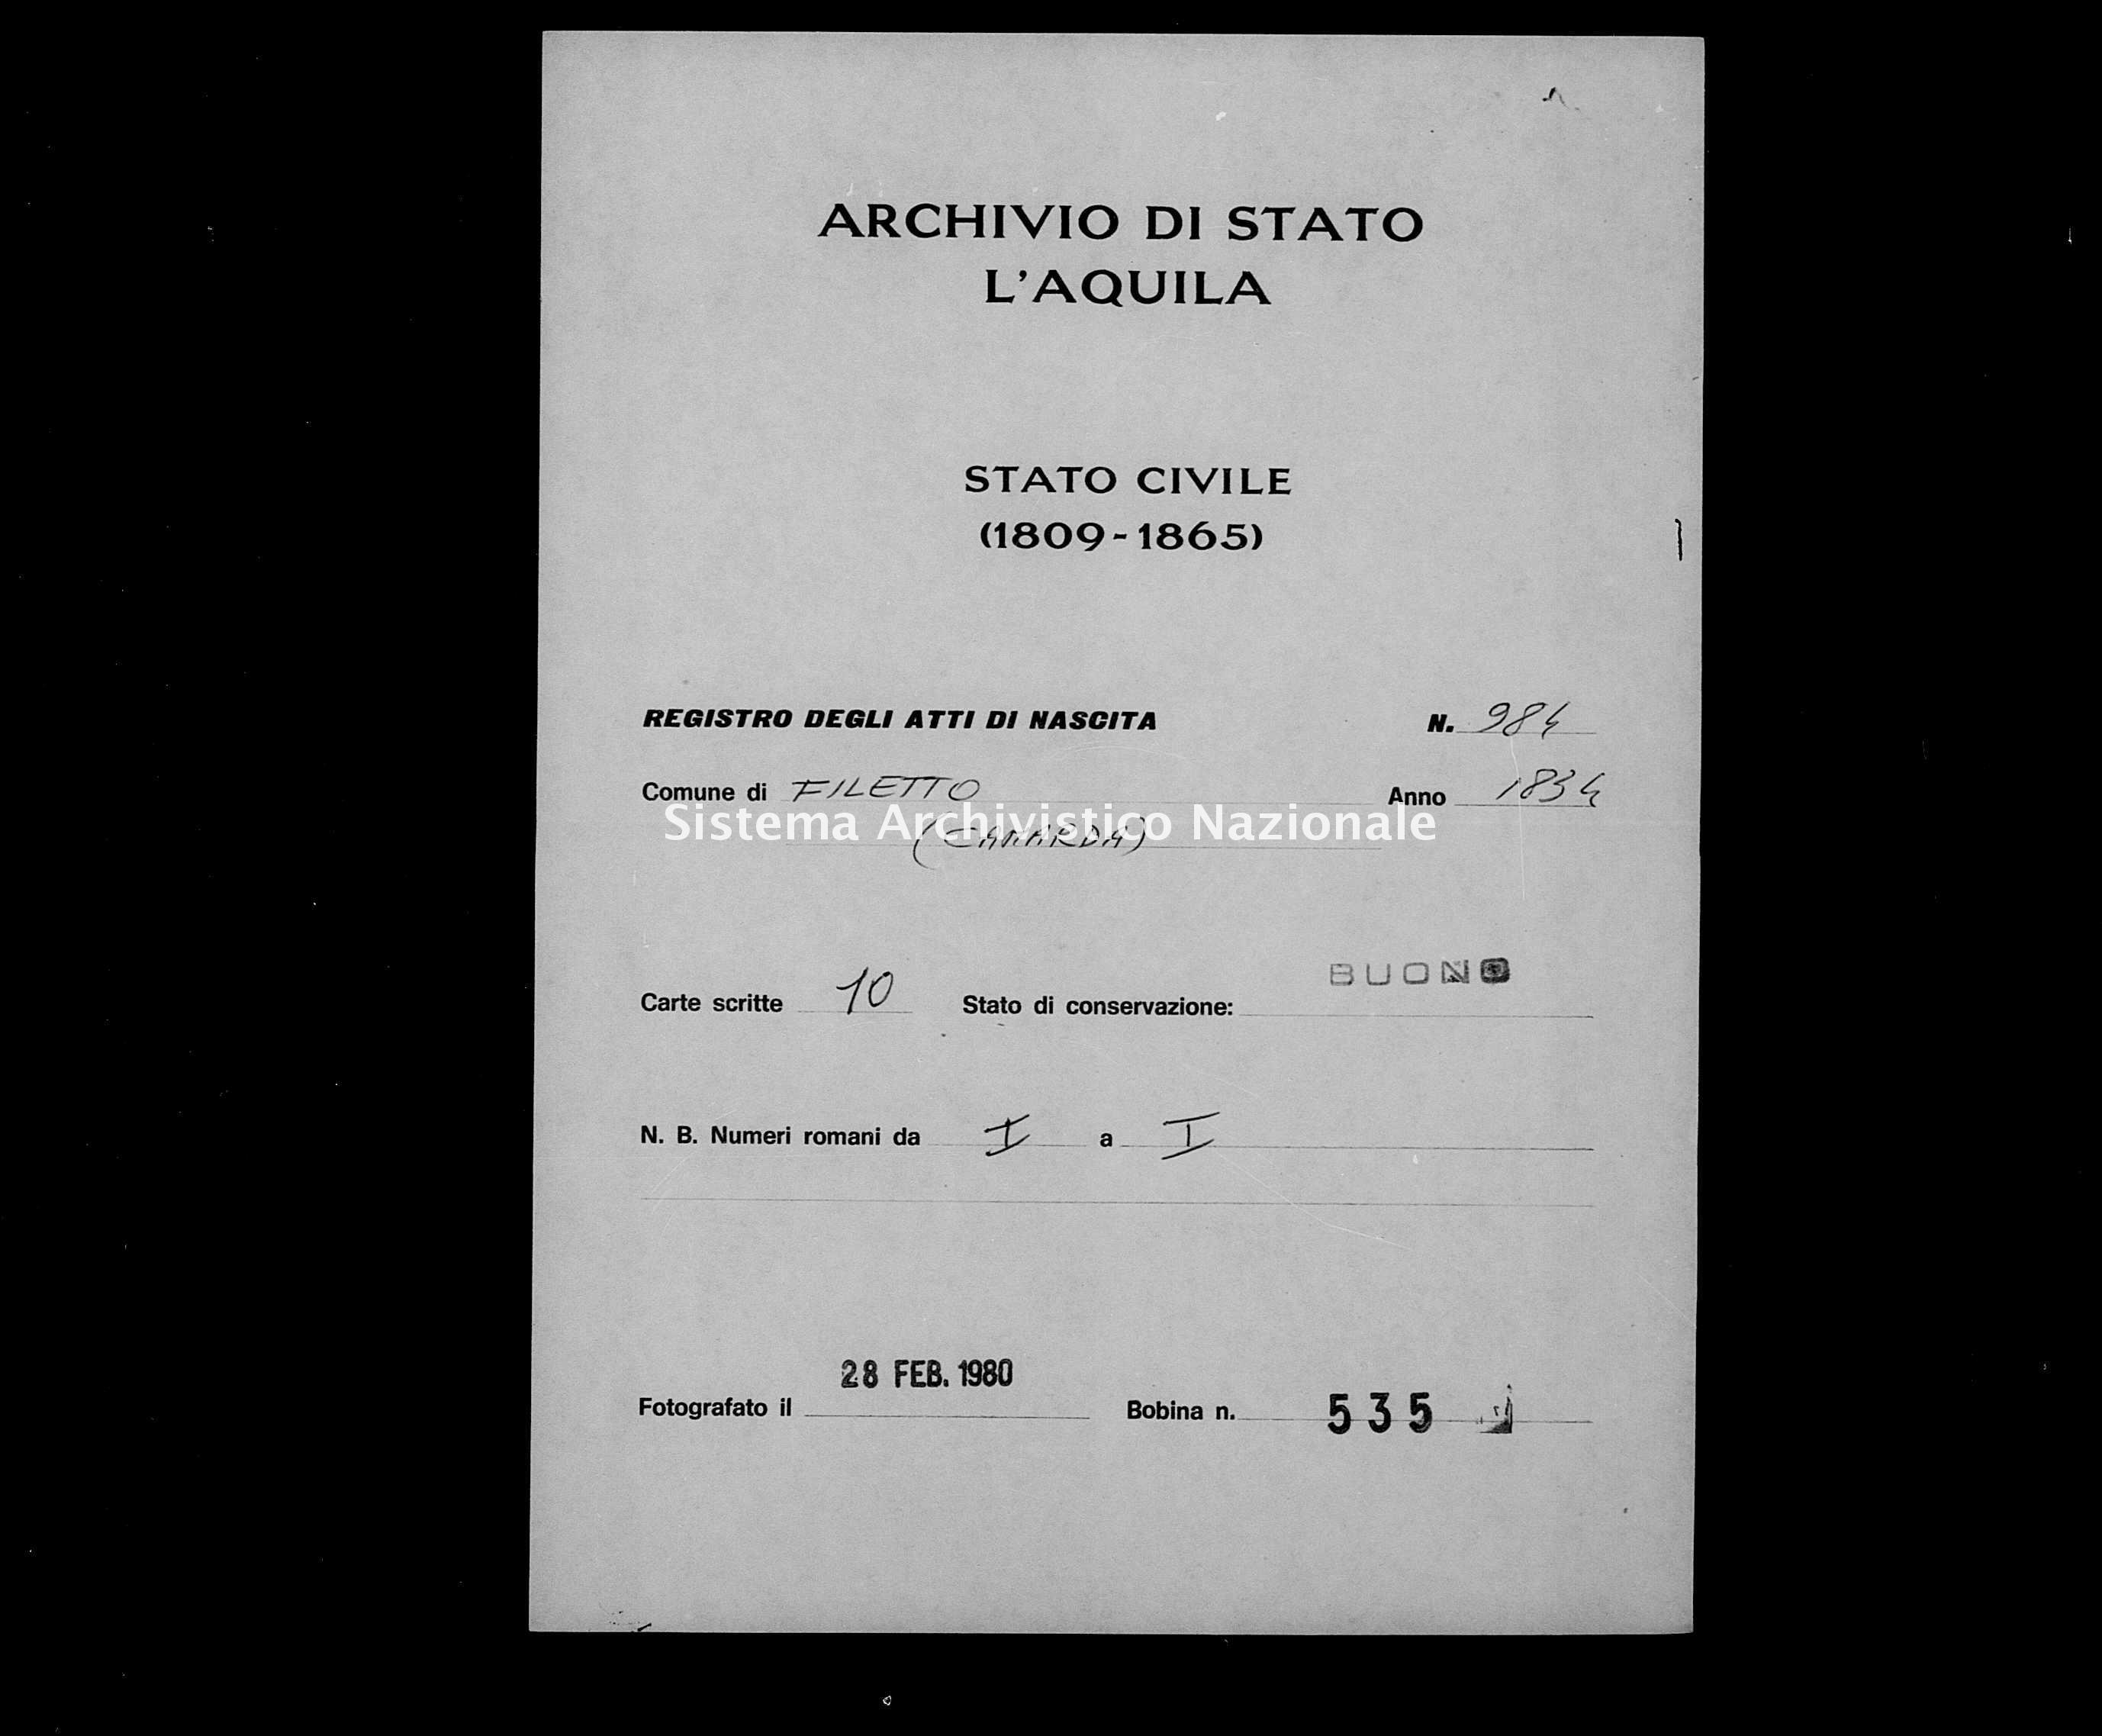 Archivio di stato di L'aquila - Stato civile della restaurazione - Filetto - Nati - 1834 - 984 -